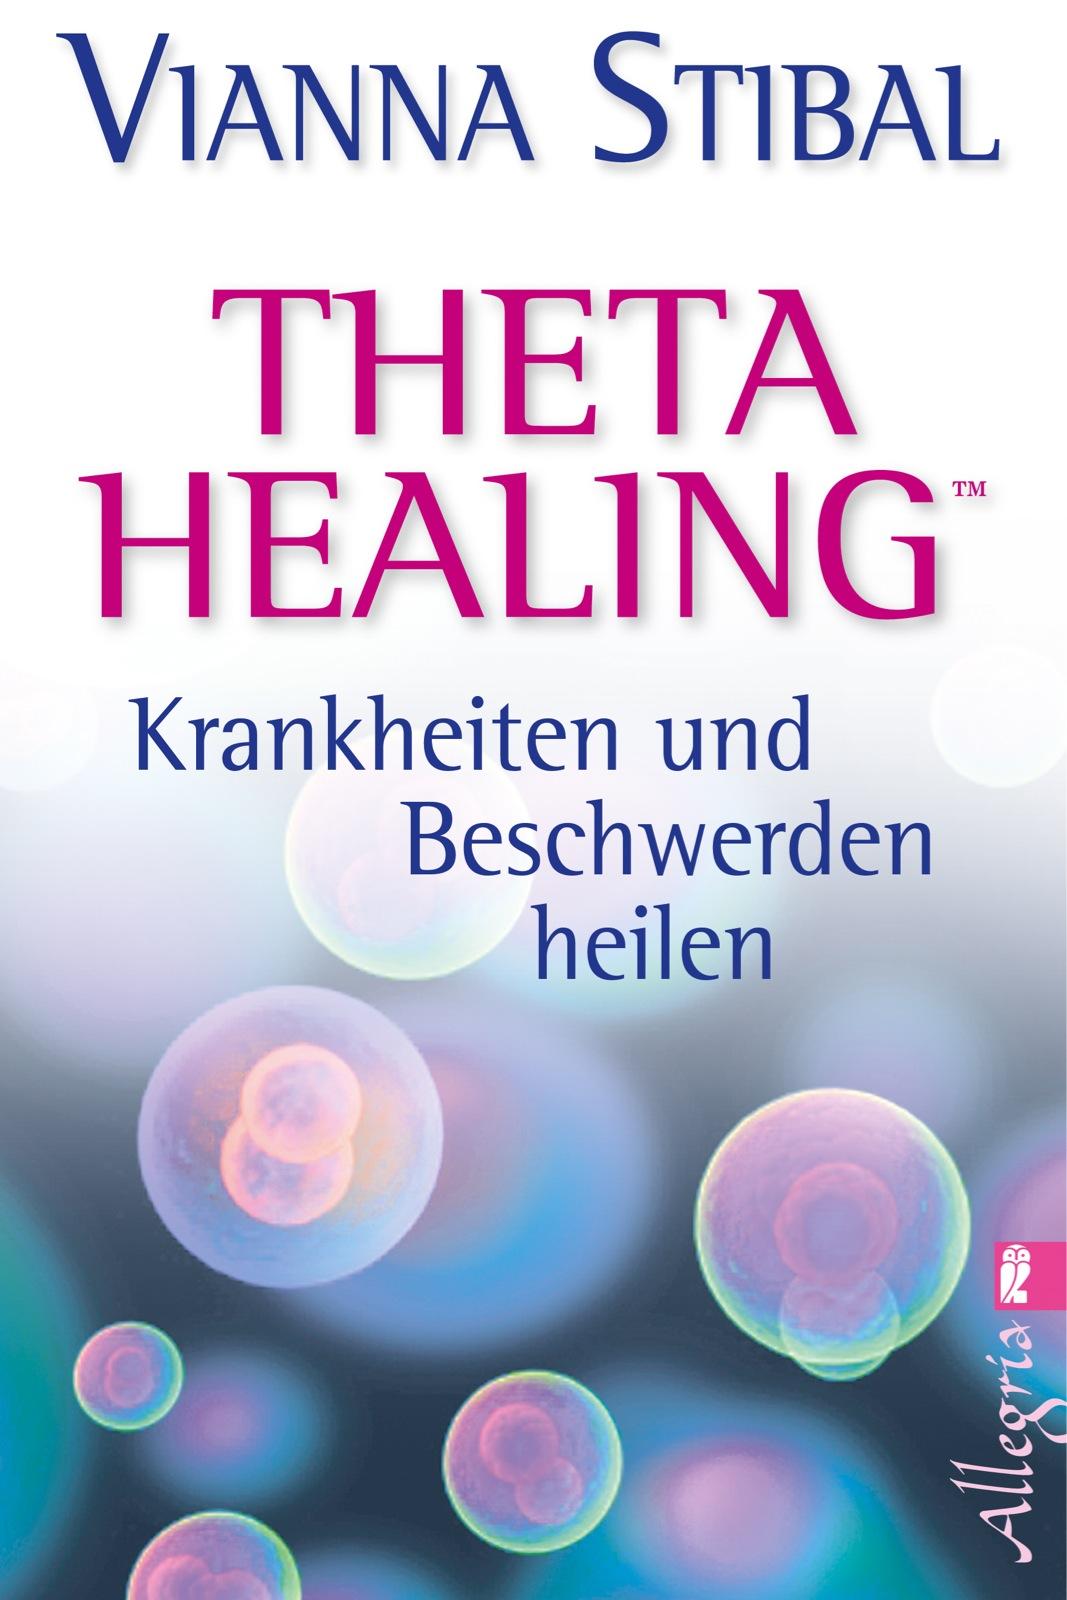 Theta Healing - Krankheiten und Beschwerden heilen - Stibal, Vianna